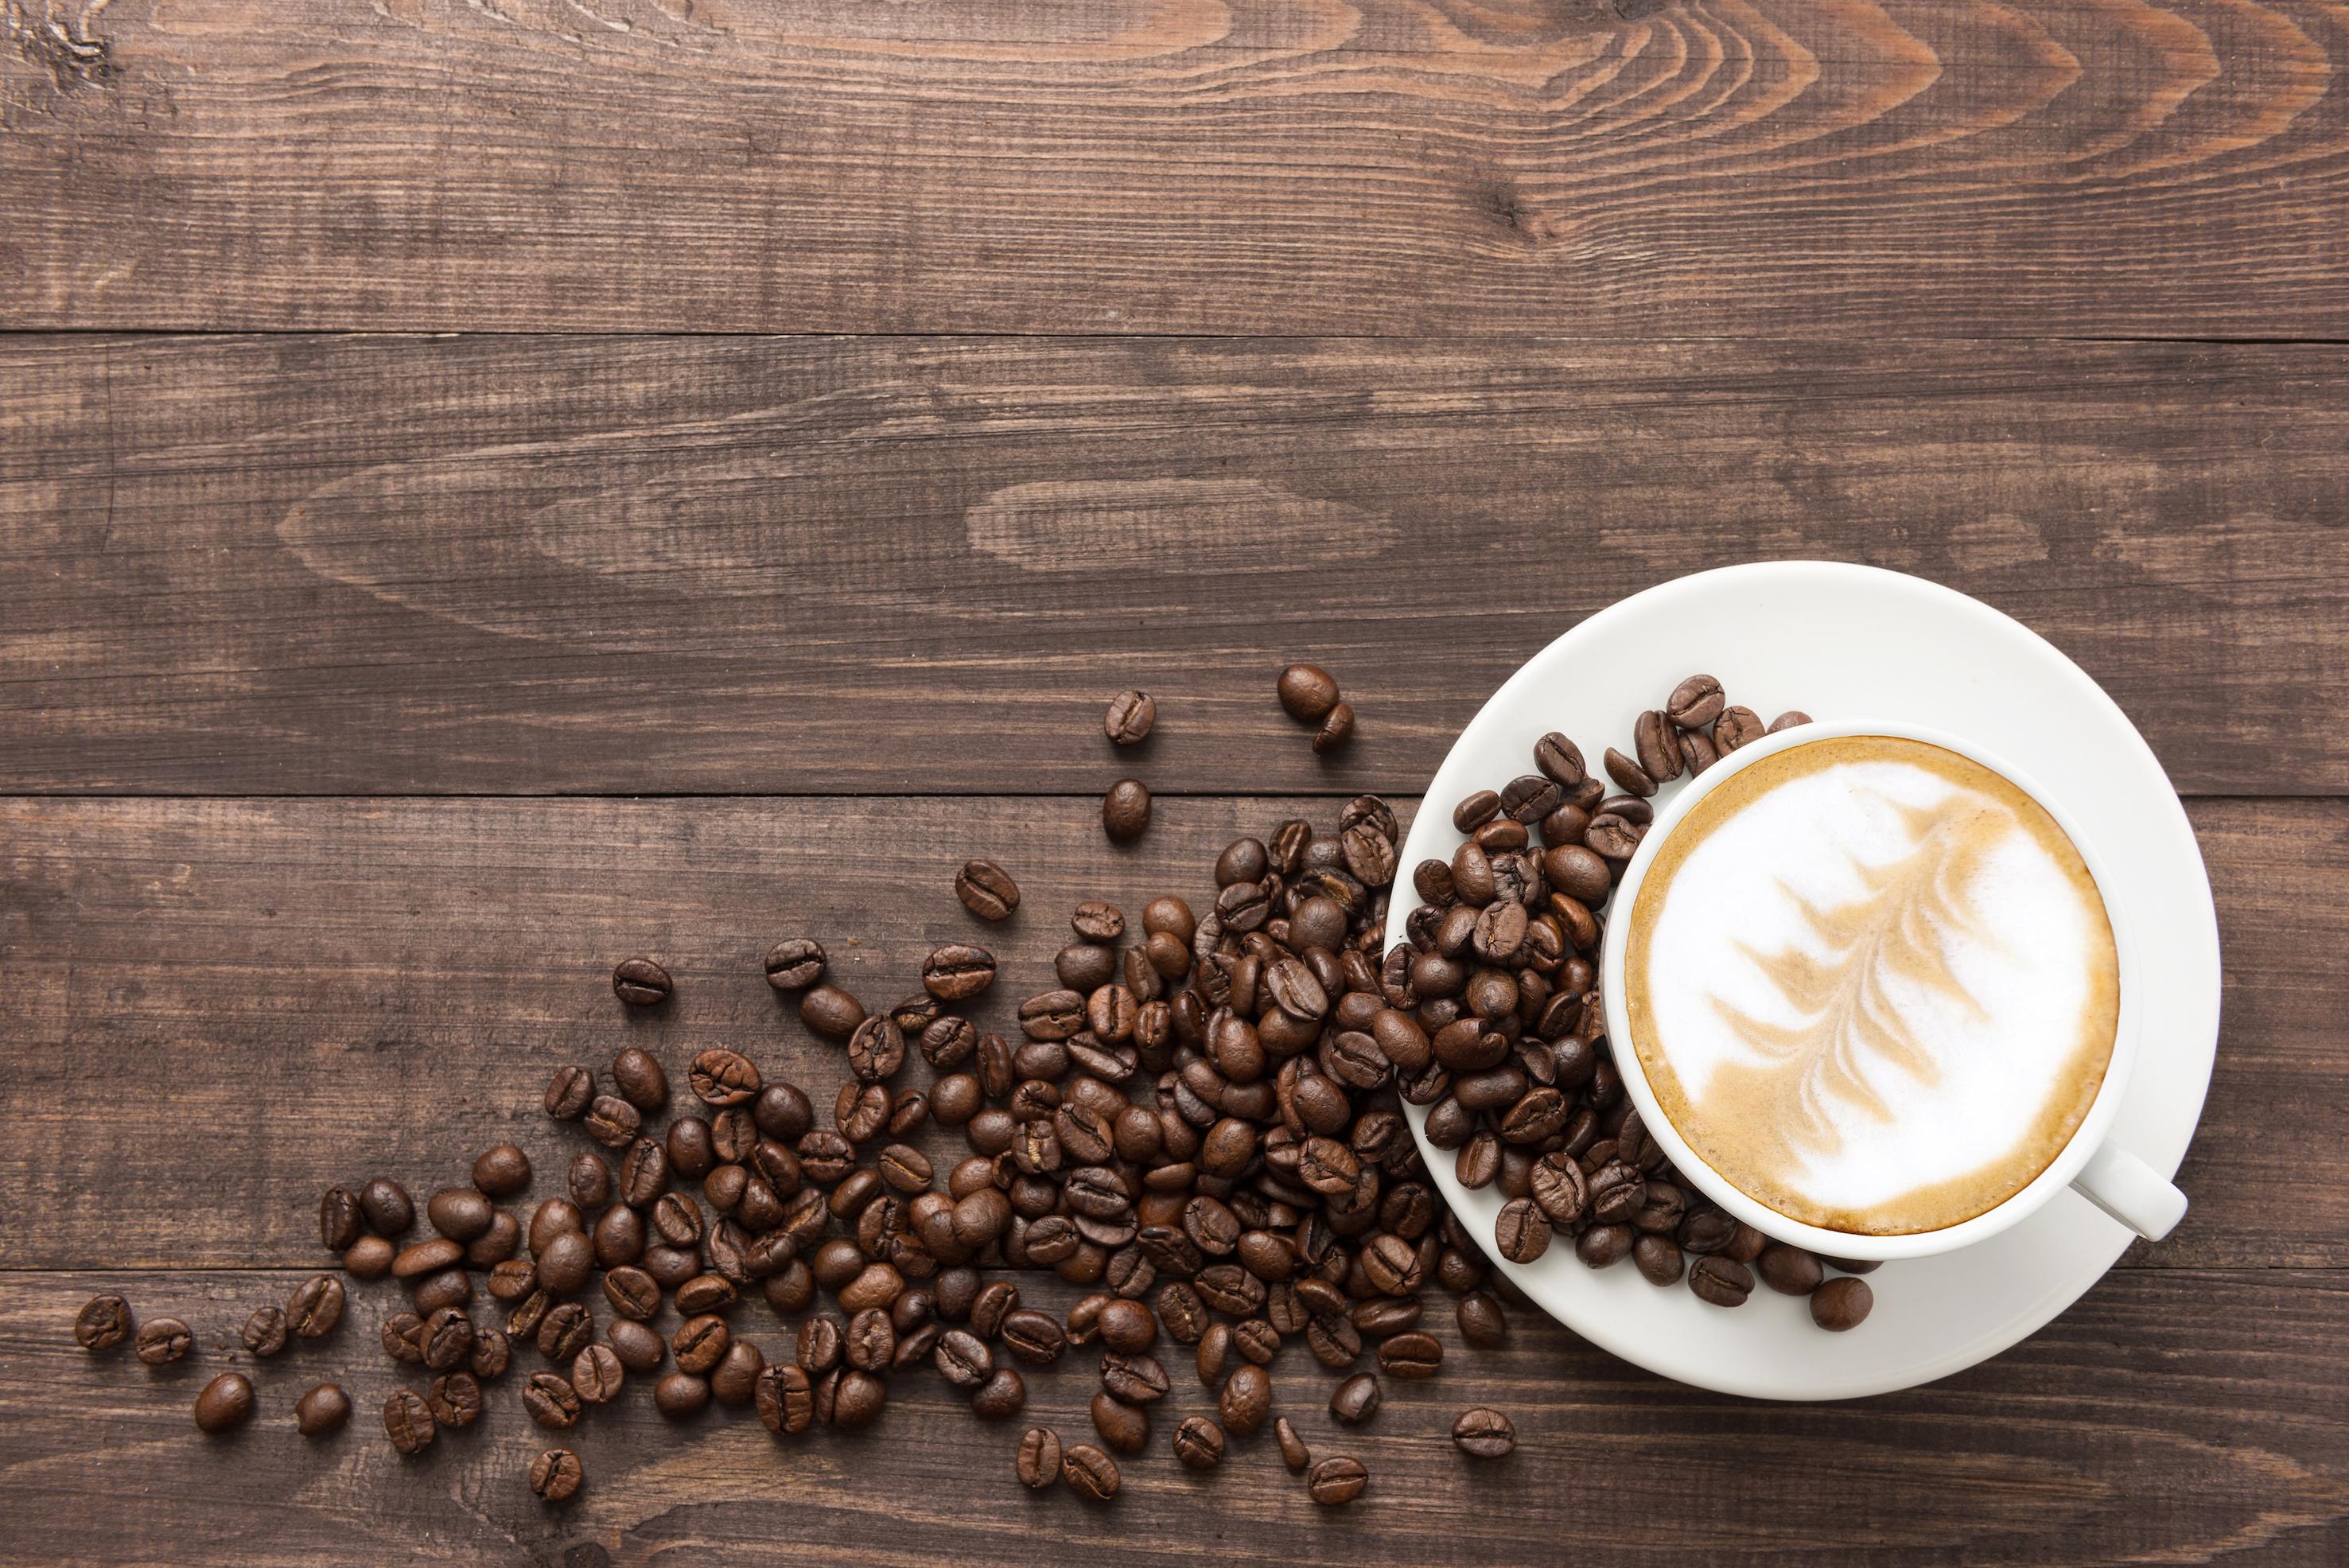 BEWEZEN: de kwaliteit van koffie wordt steeds beter!